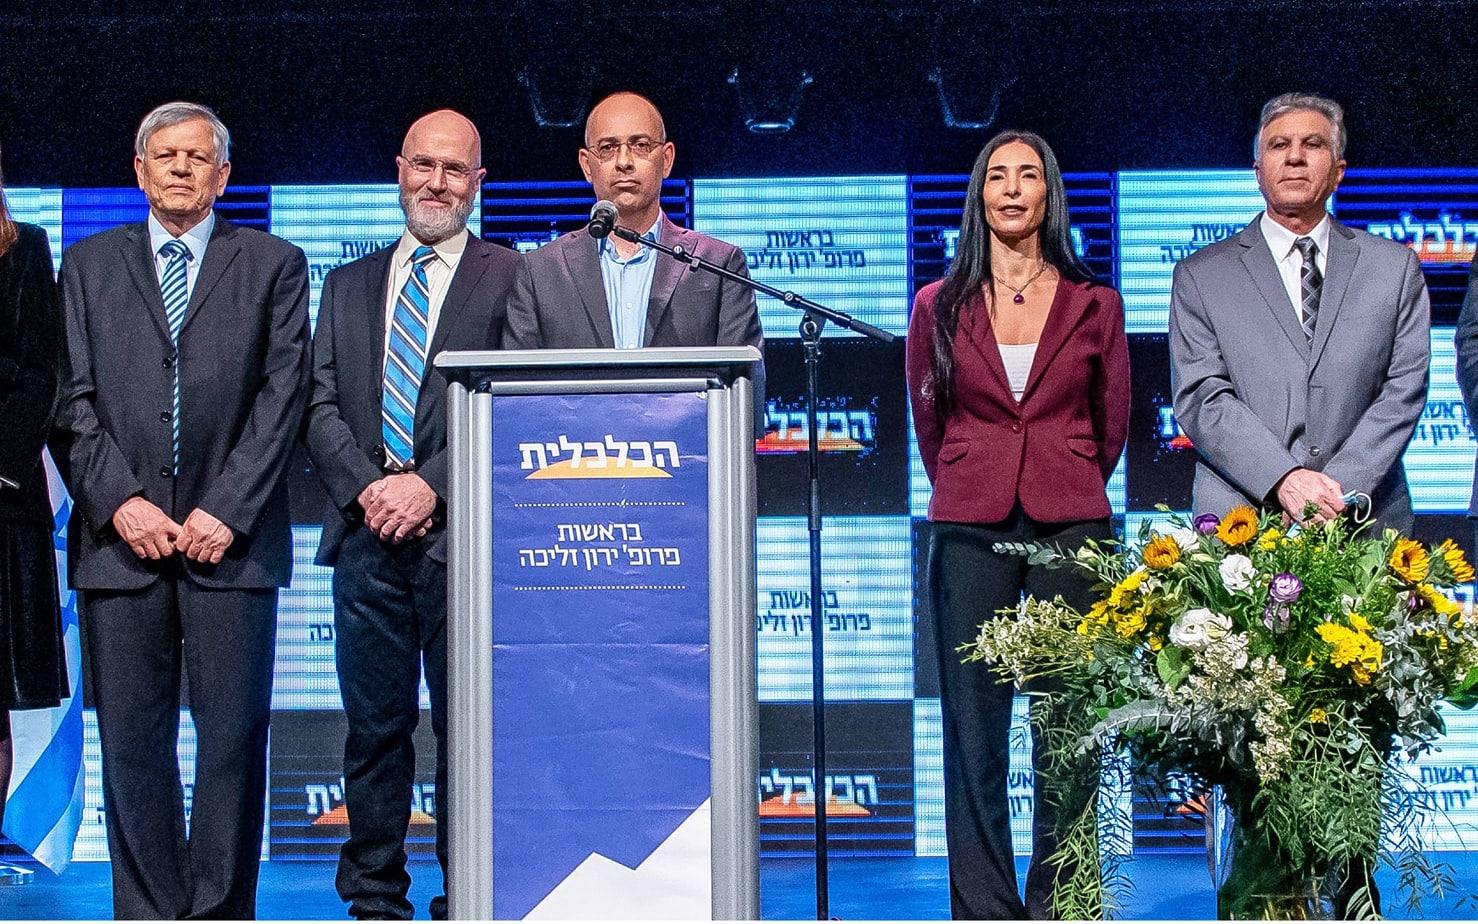 המפלגה הכלכלית בראשות ירון זליכה (במרכז). פרופ' עליאן אלקרינאוי ראשון מימין